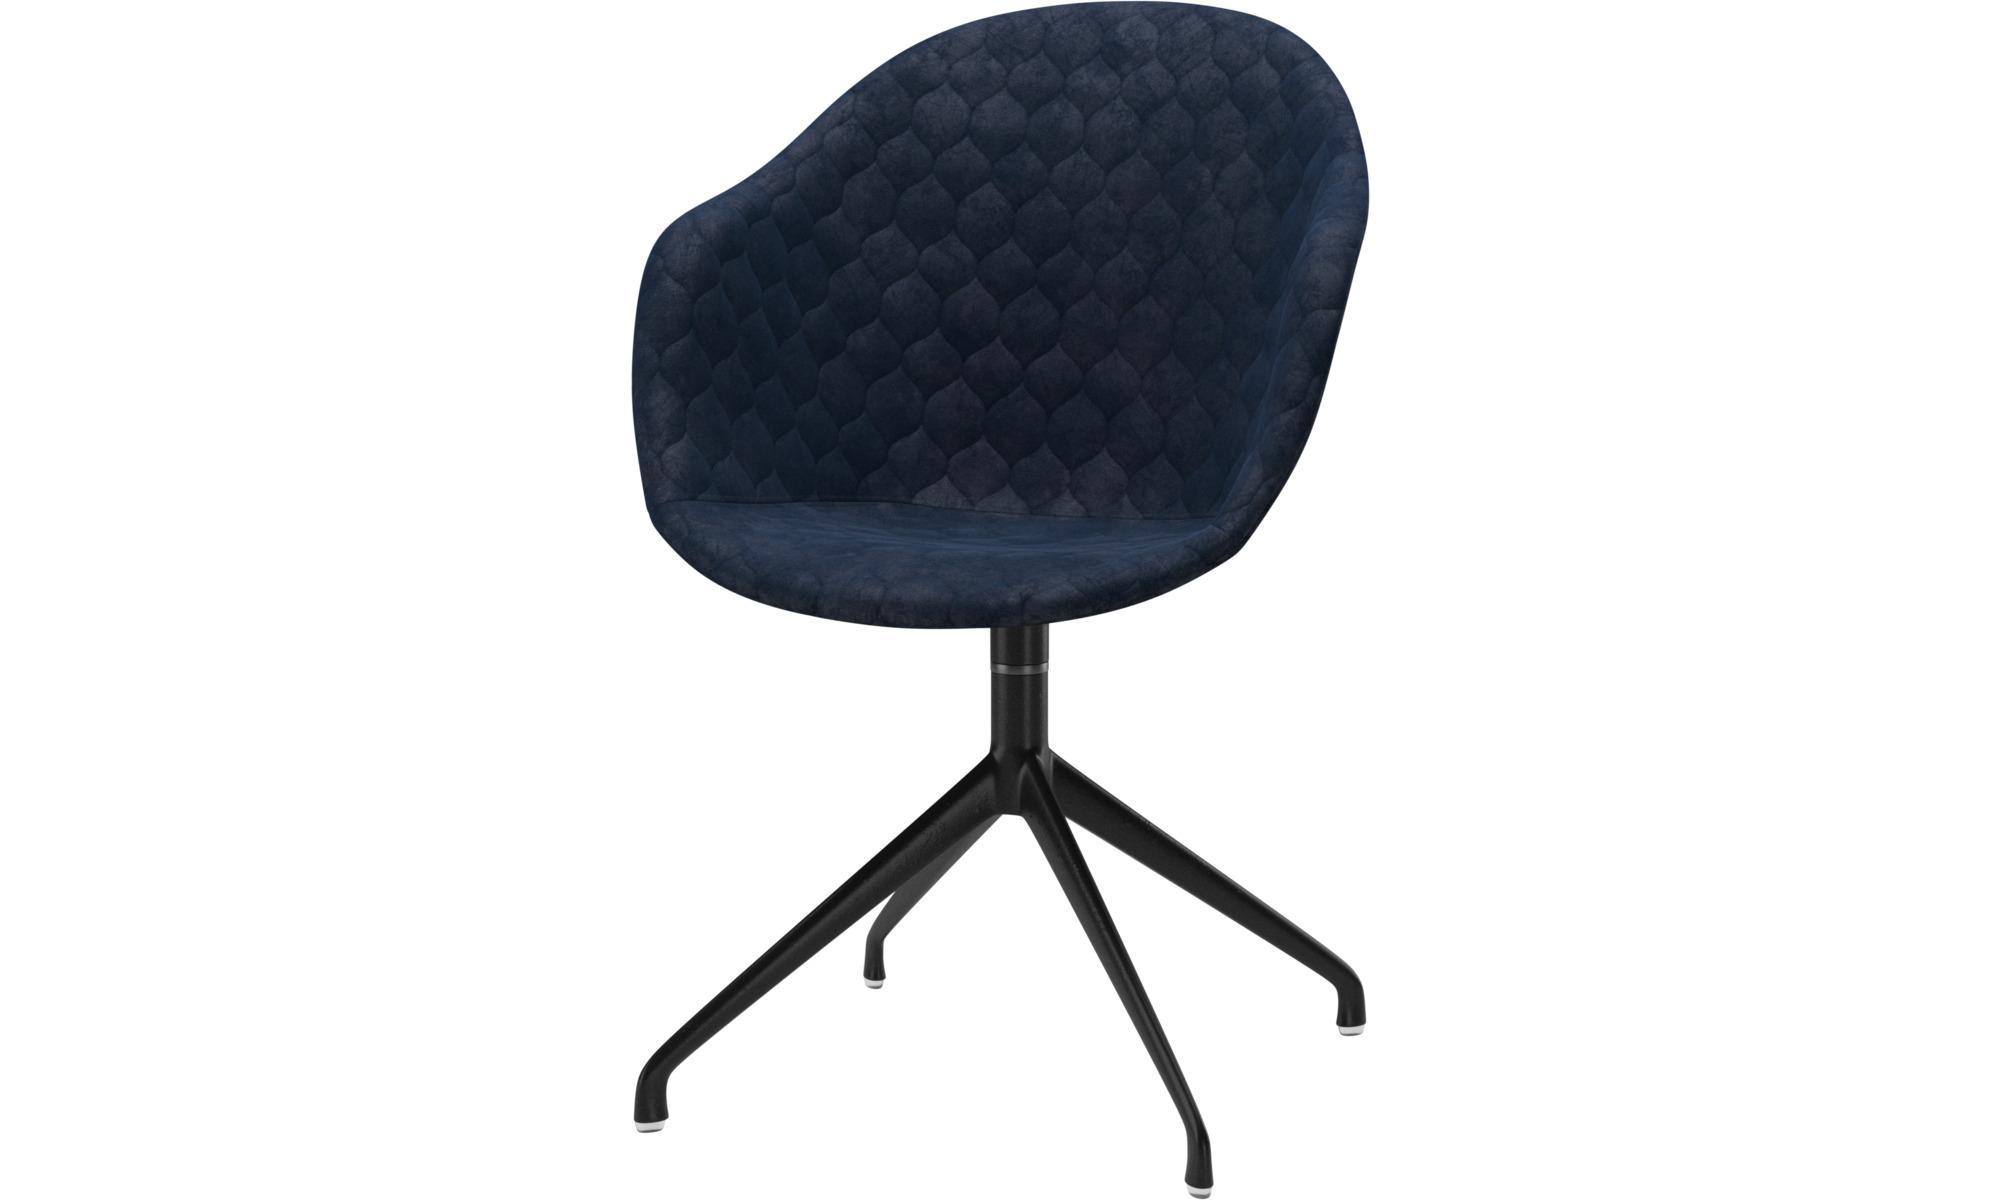 Krzesła do jadalni - Krzesło Adelaide na obrotowej nodze - Niebieski - Tkanina